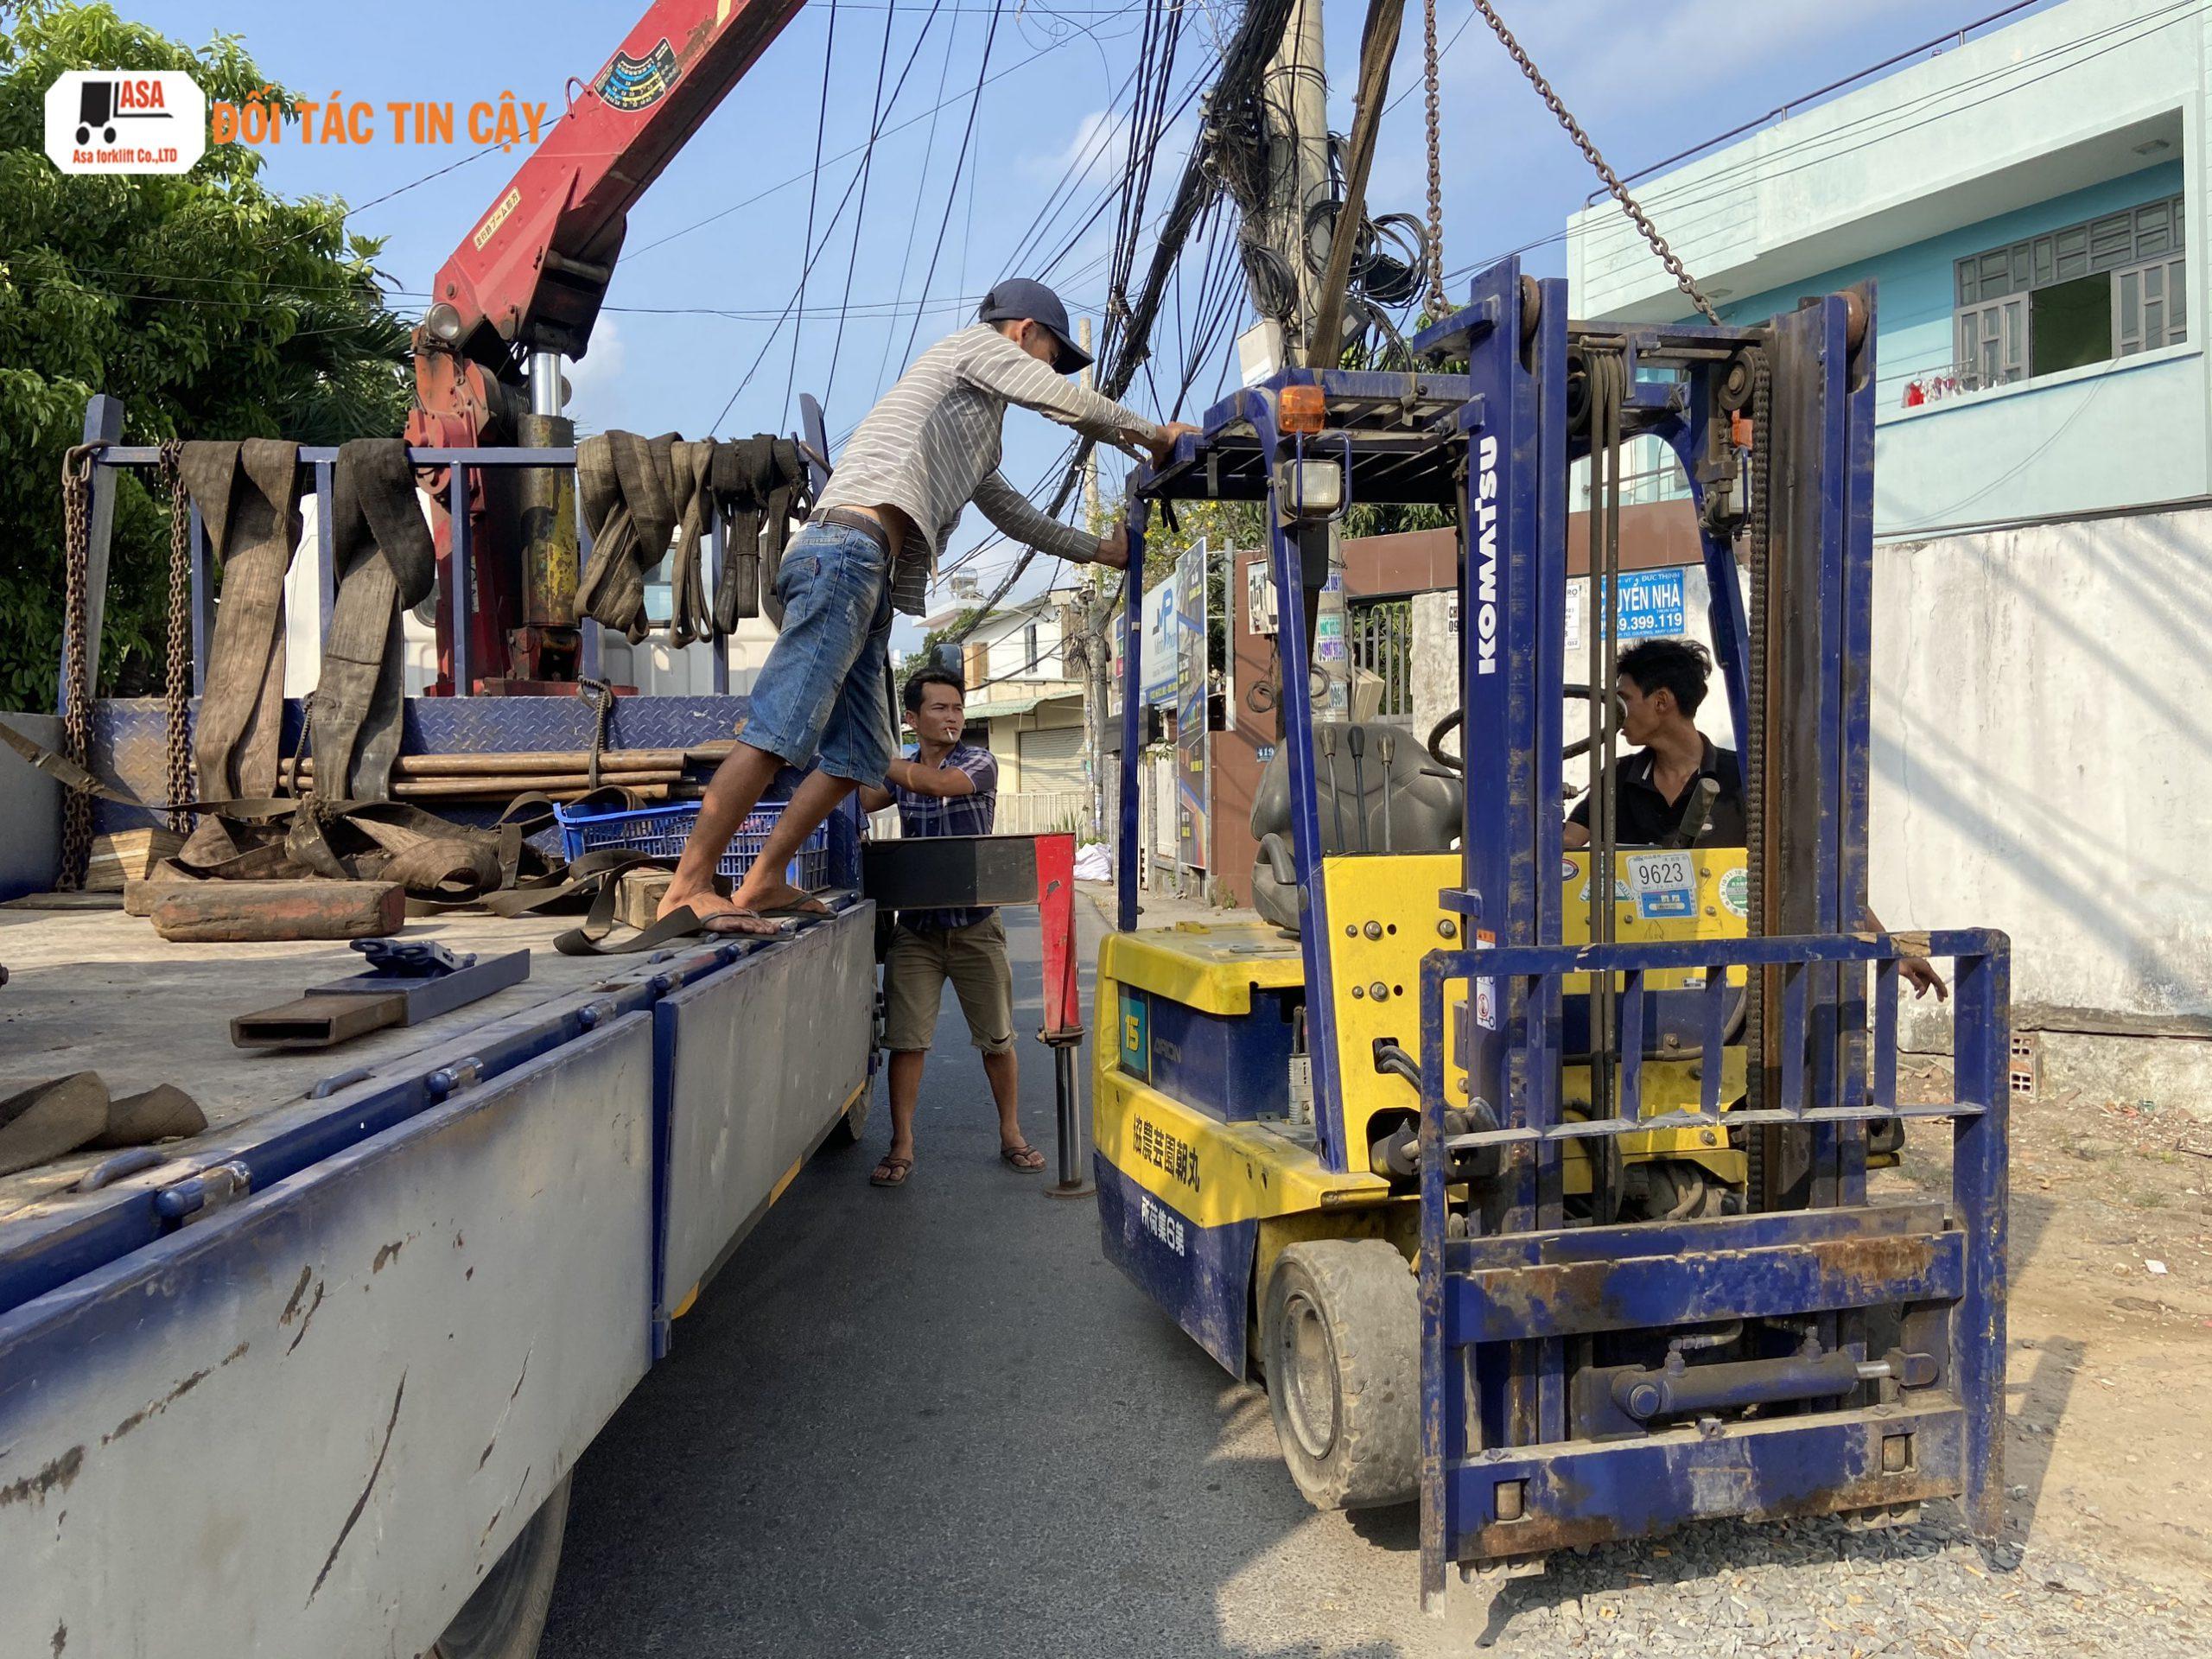 Dịch vụ sửa chữa của Asa được nhiều doanh nghiệp tại Đồng Nai đánh giá cao về chất lượng